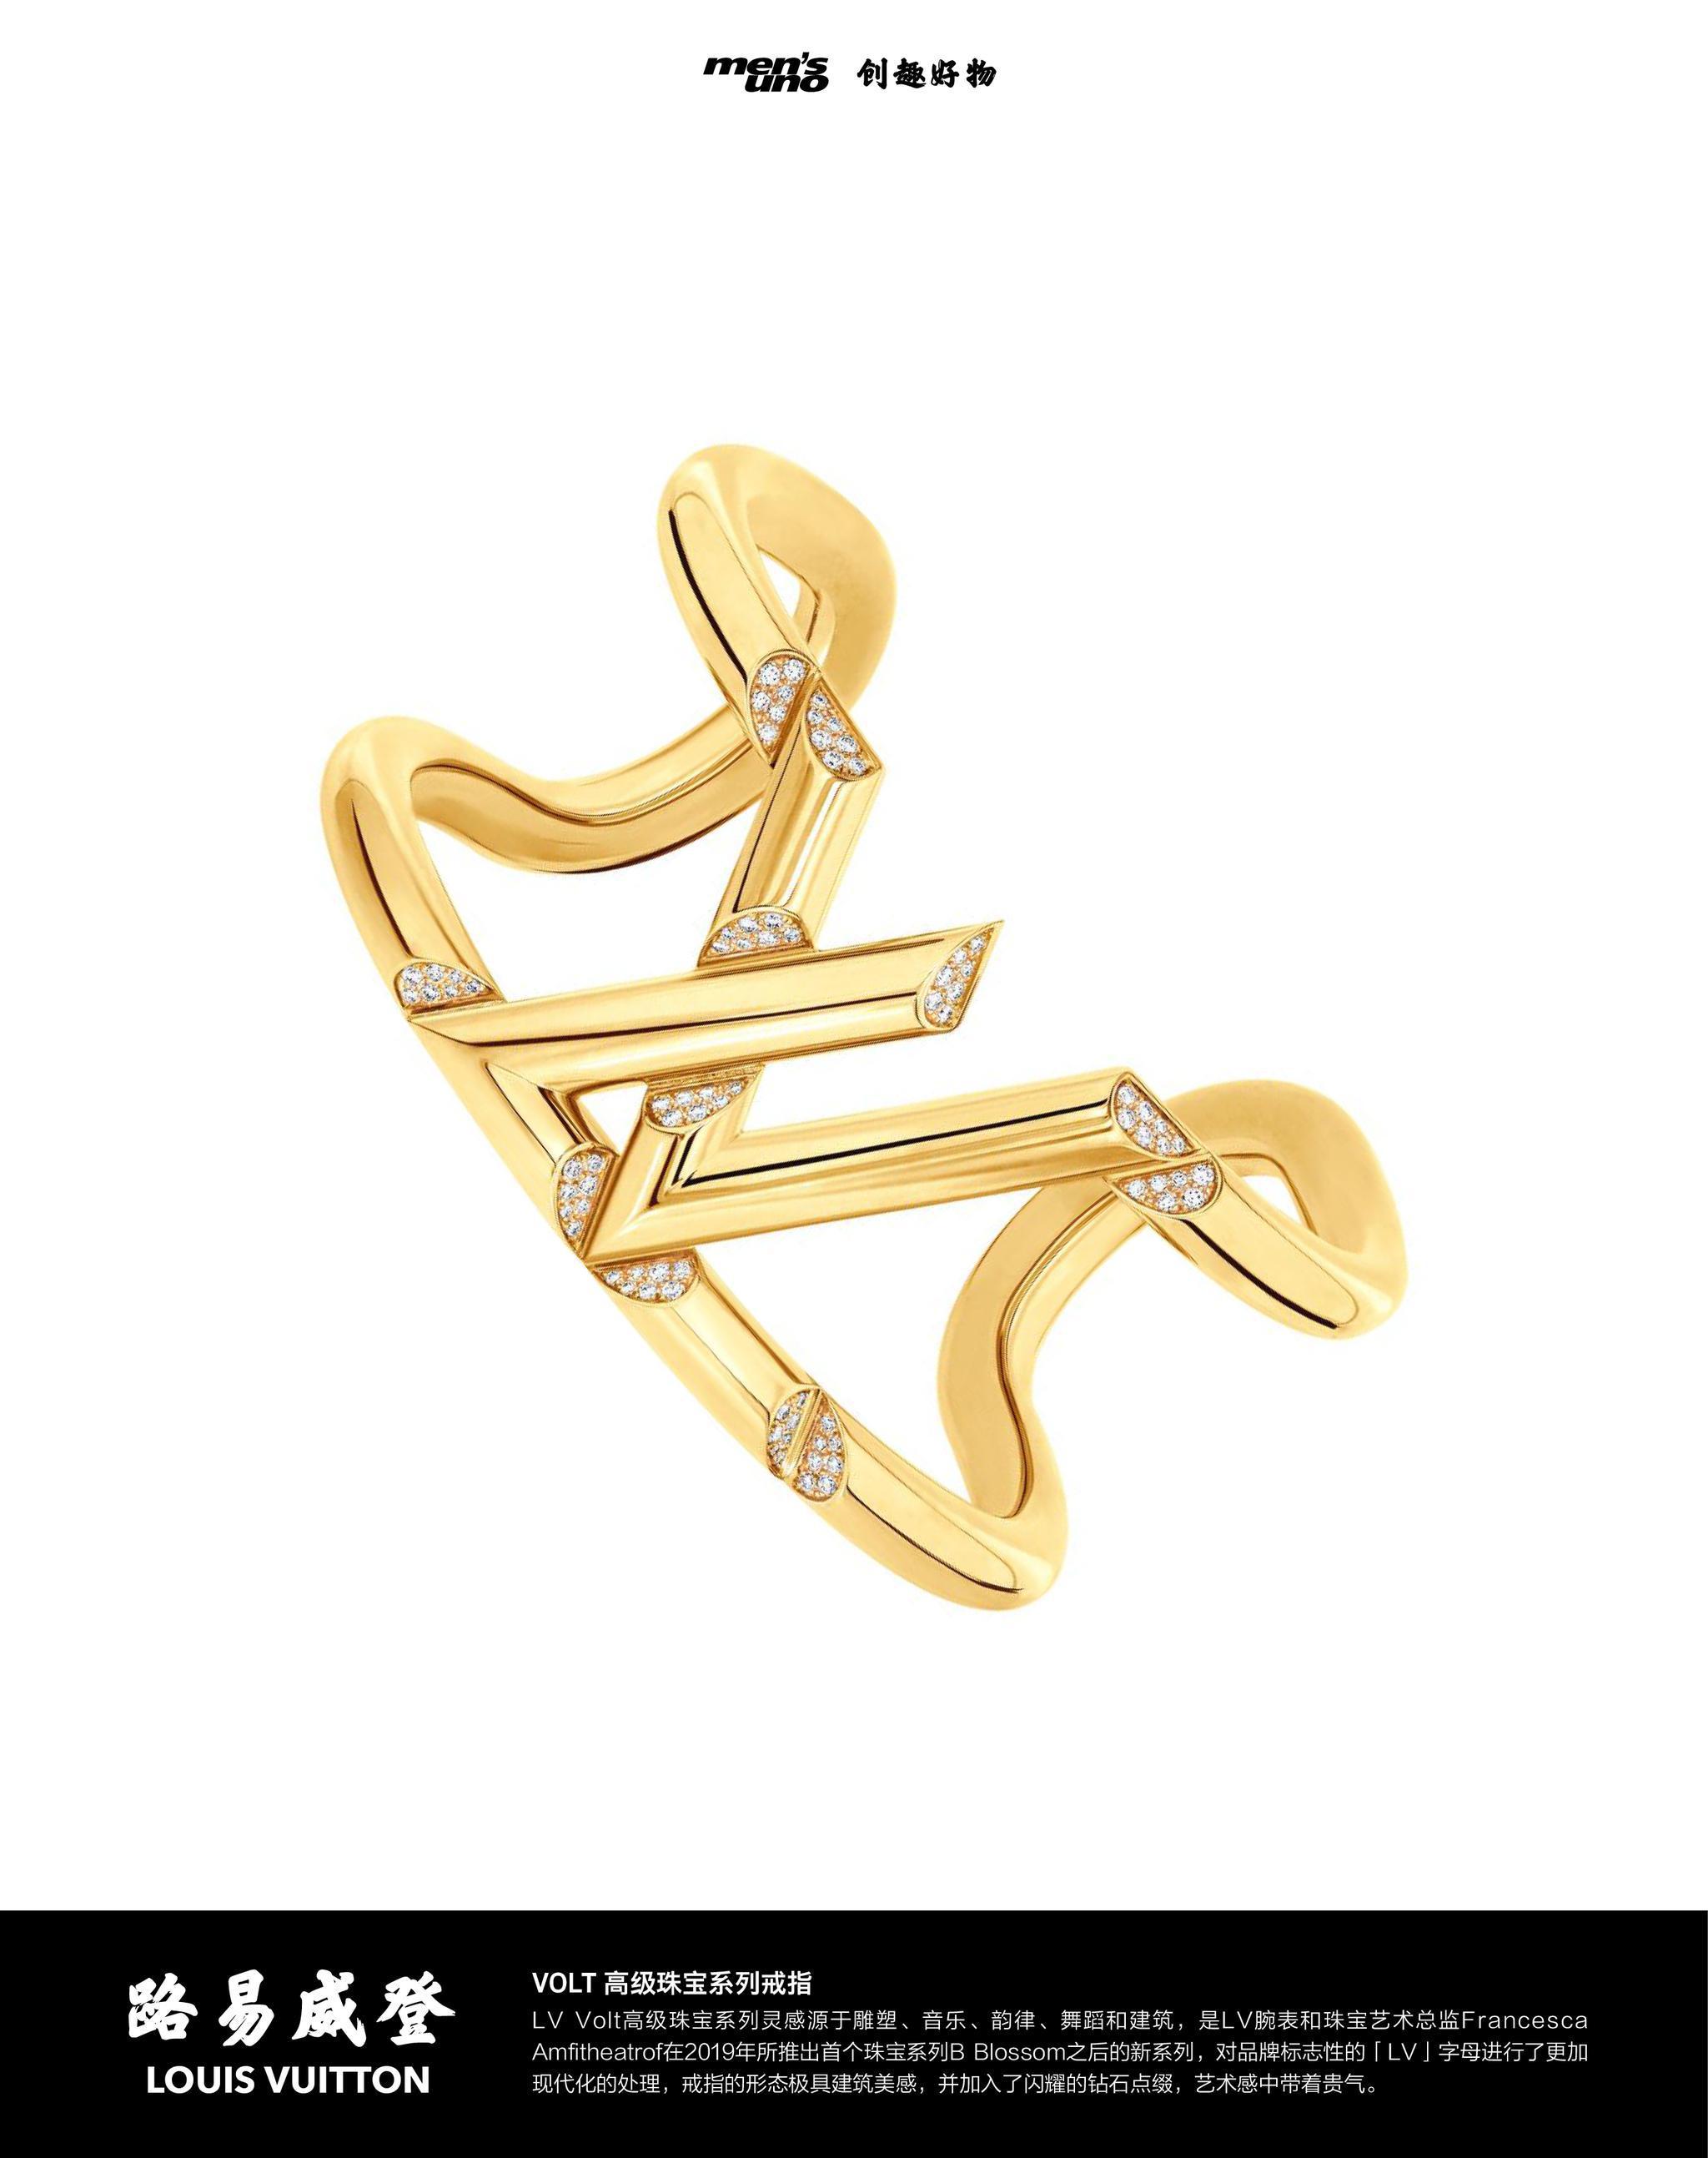 LV Volt高级珠宝系列灵感源于雕塑、音乐、韵律、舞蹈和建筑……